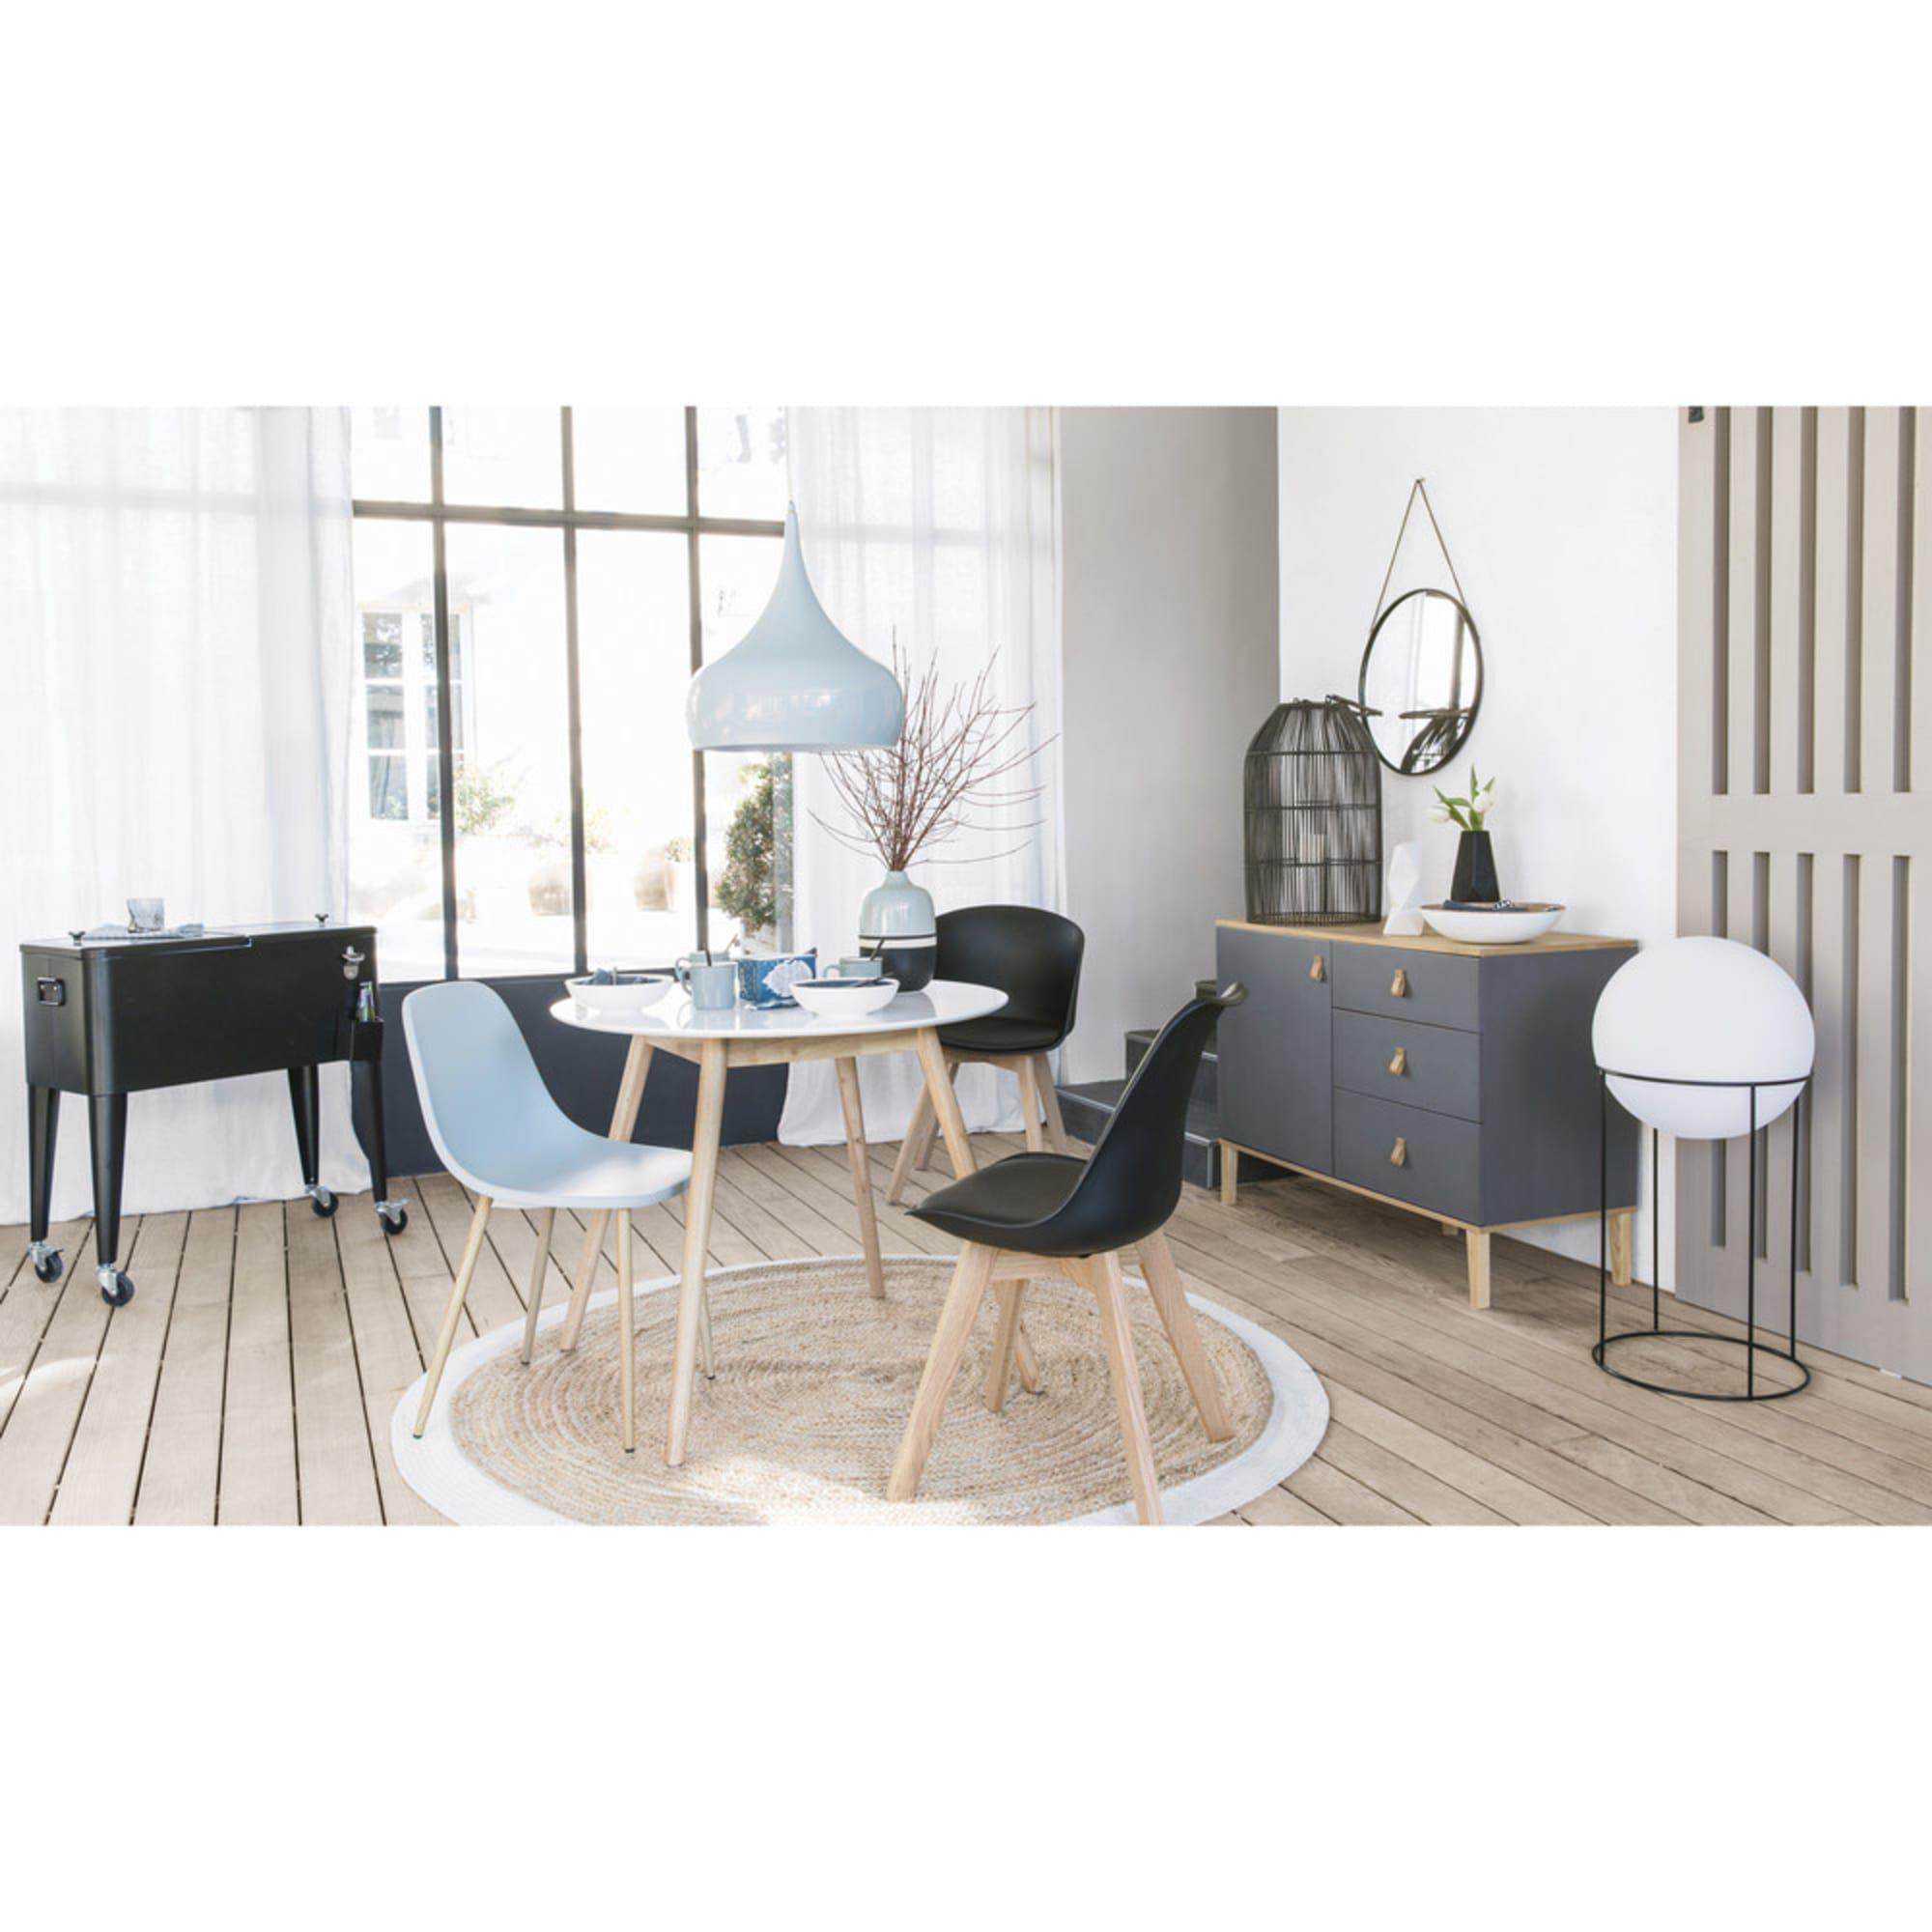 Contemporary White Chair Fibule Maisons Du Monde Table A Manger Ronde Meuble Maison Du Monde Table A Manger Ronde En Bois